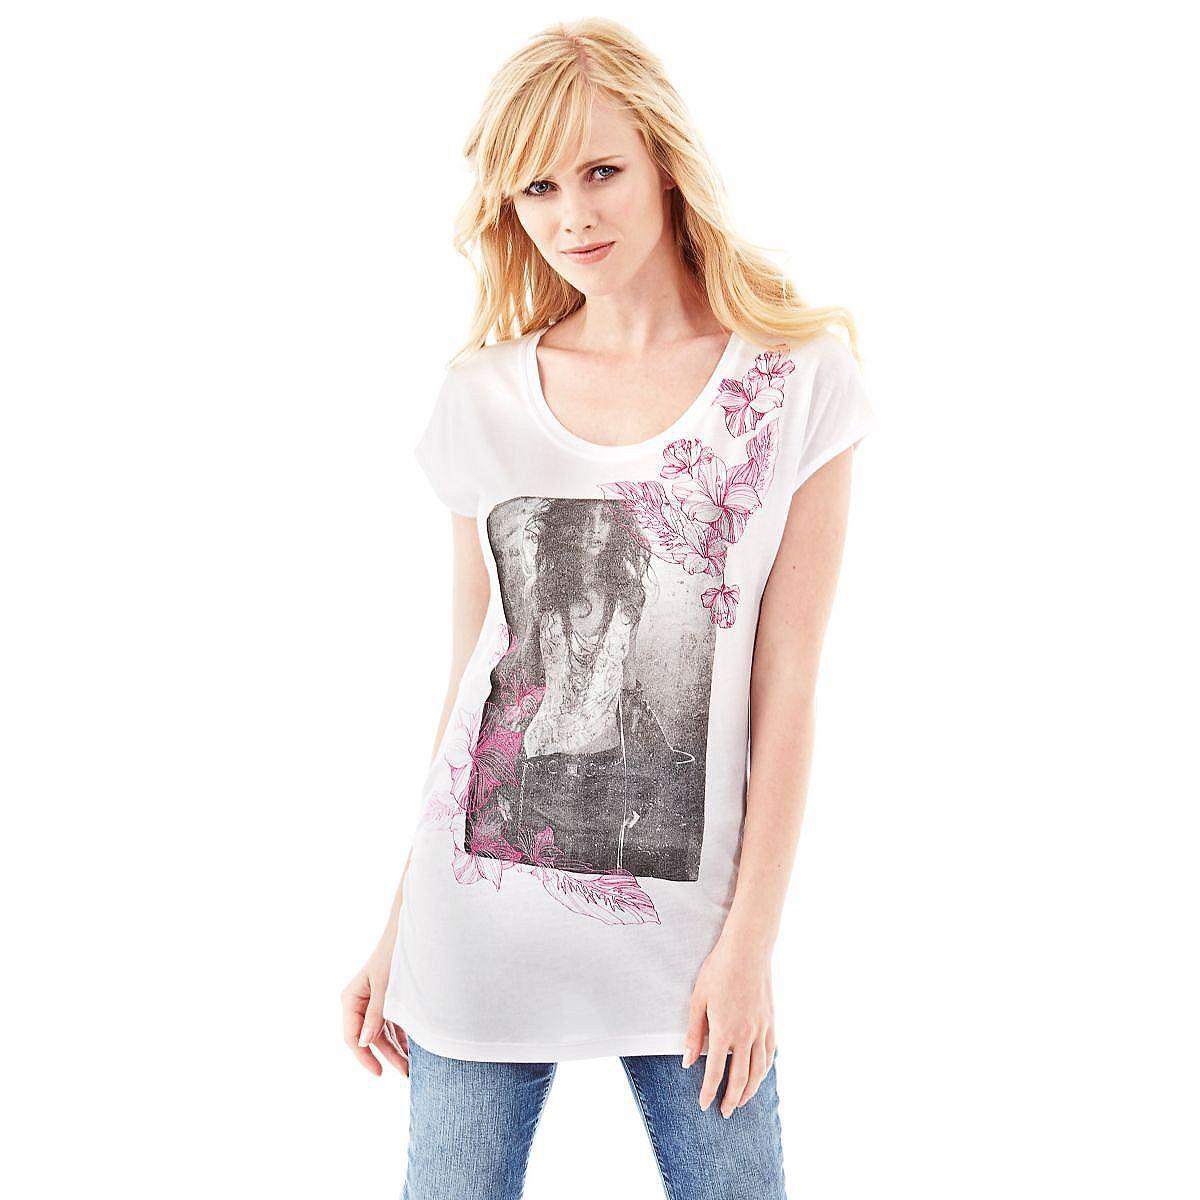 T-Shirt Hibiscus mixed    Mit dem richtigen T-Shirt bekommt das Tagesoutfit im Handumdrehen einen gewissen Pfiff: Der Fotoprint zieht alle Blicke auf sich. Auch die floralen Details tragen zu einem modernen, aber auch romantischen Style bei.    50% Baumwolle 50% Modal.  Maschinenwäsche bei 30°.  Längen Größe S:  Gesamtlänge ca. 63 cm.  Schultern ca. 33 cm....